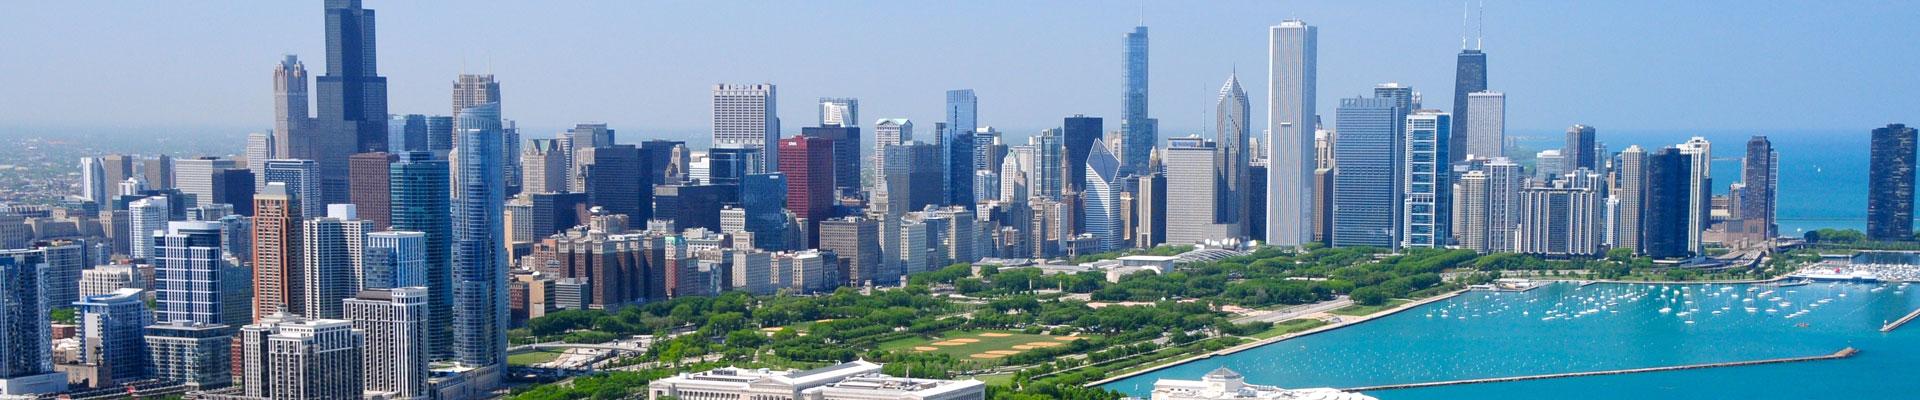 Kaplan Chicago